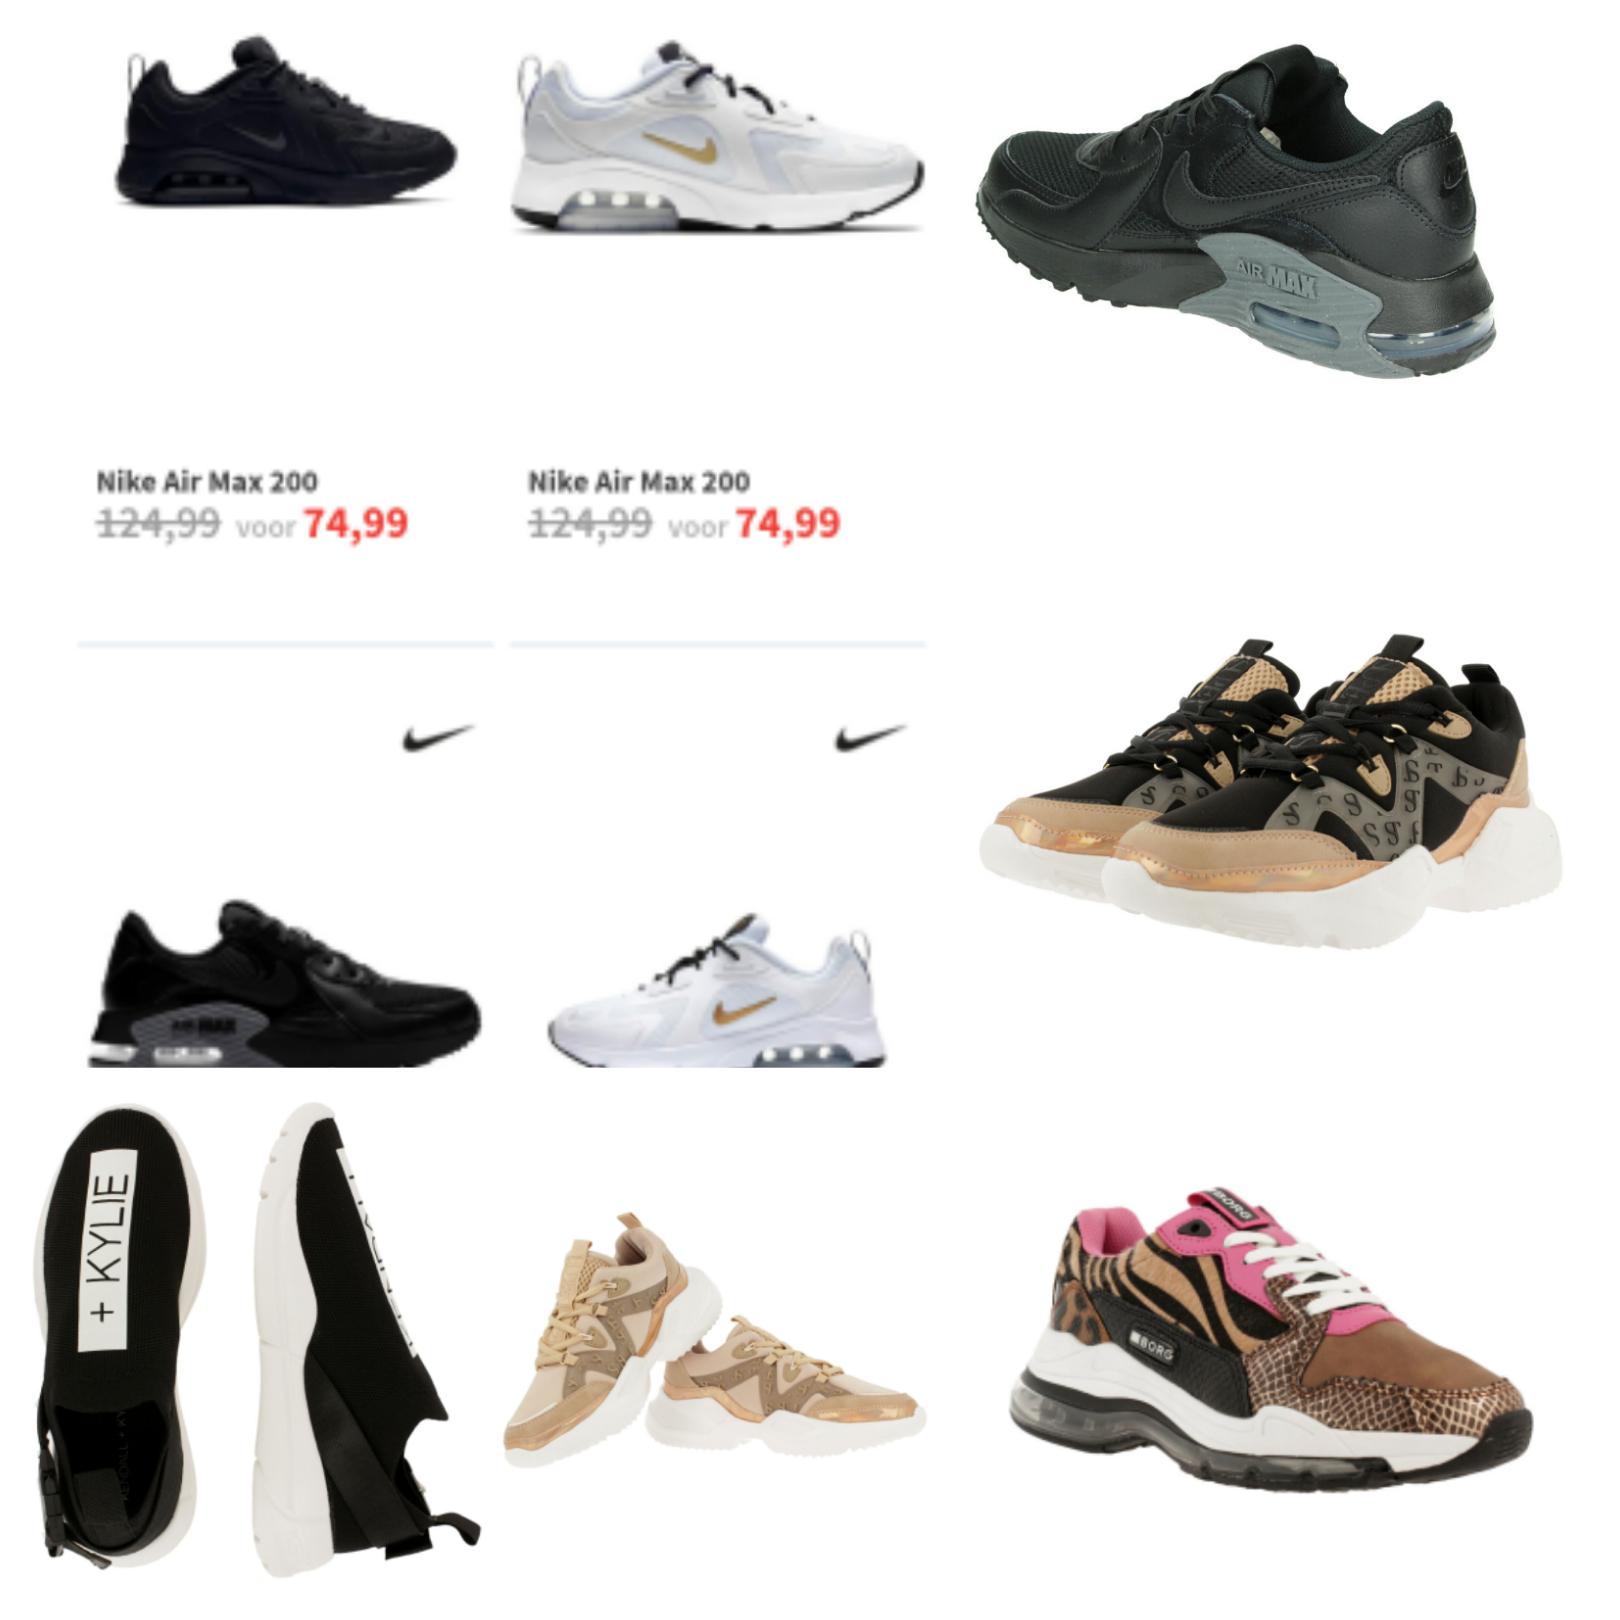 Nike air max en andere sneakers intersport twinshop en V&D